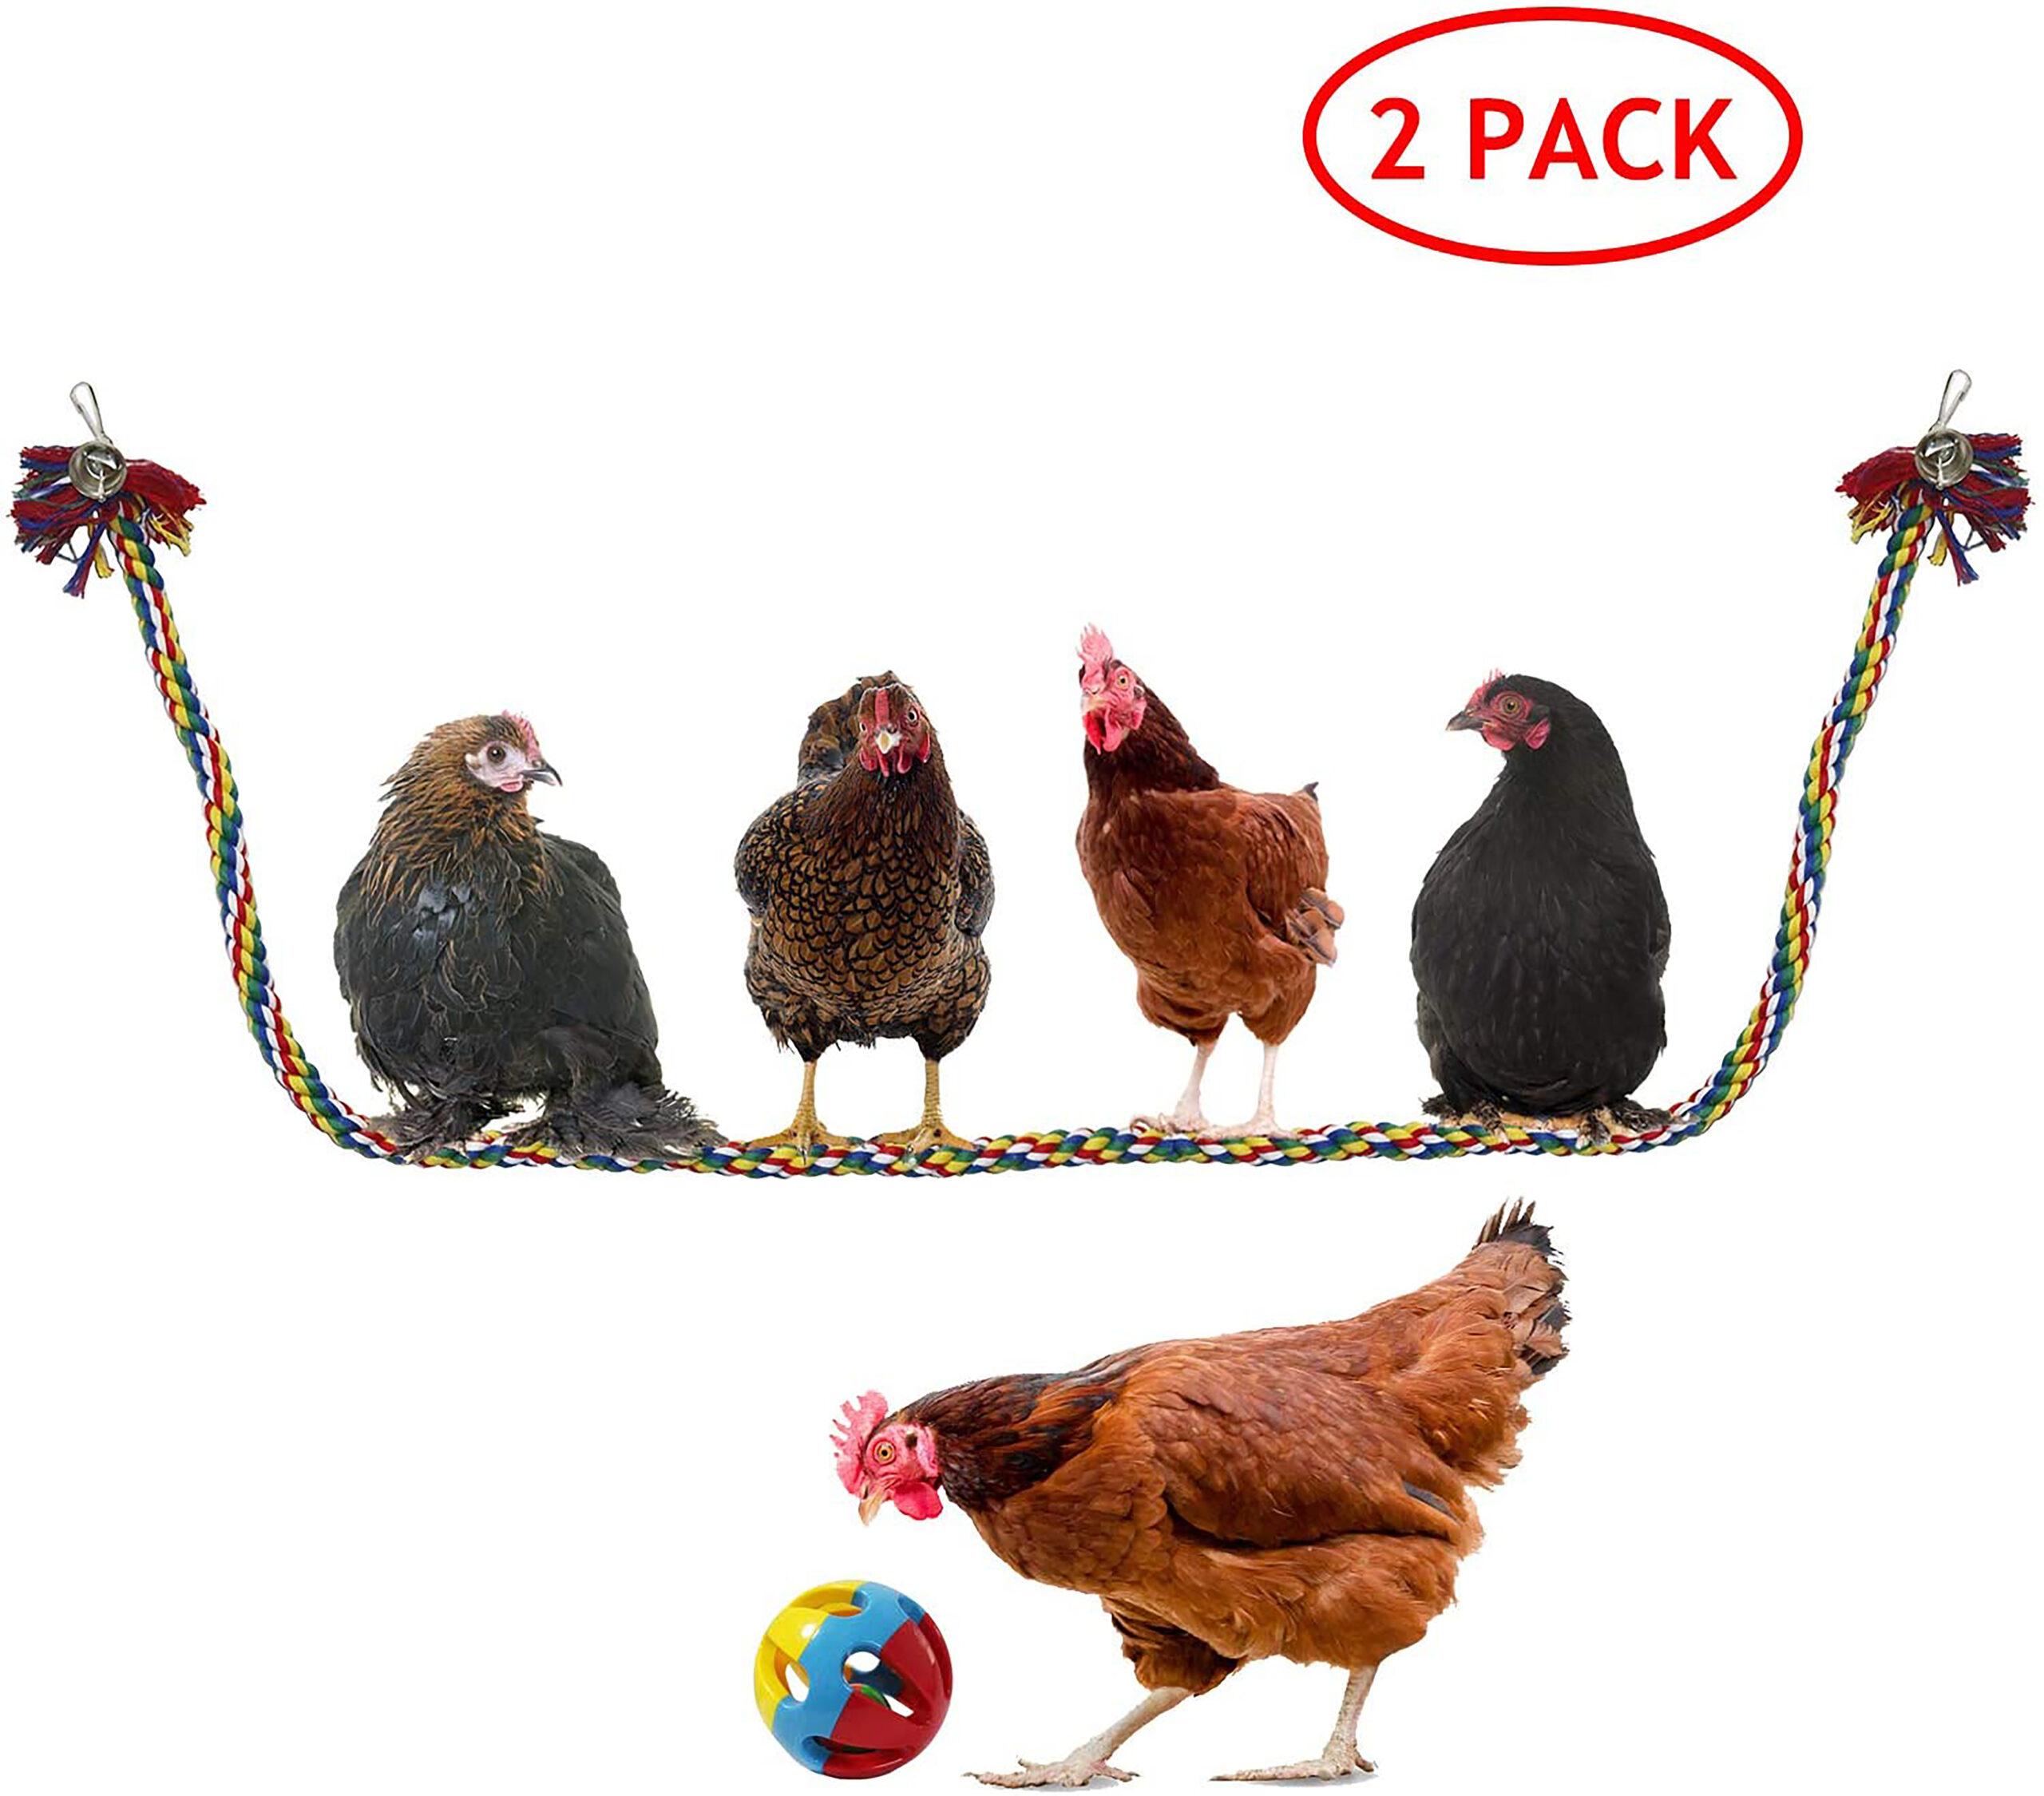 Chicken toys